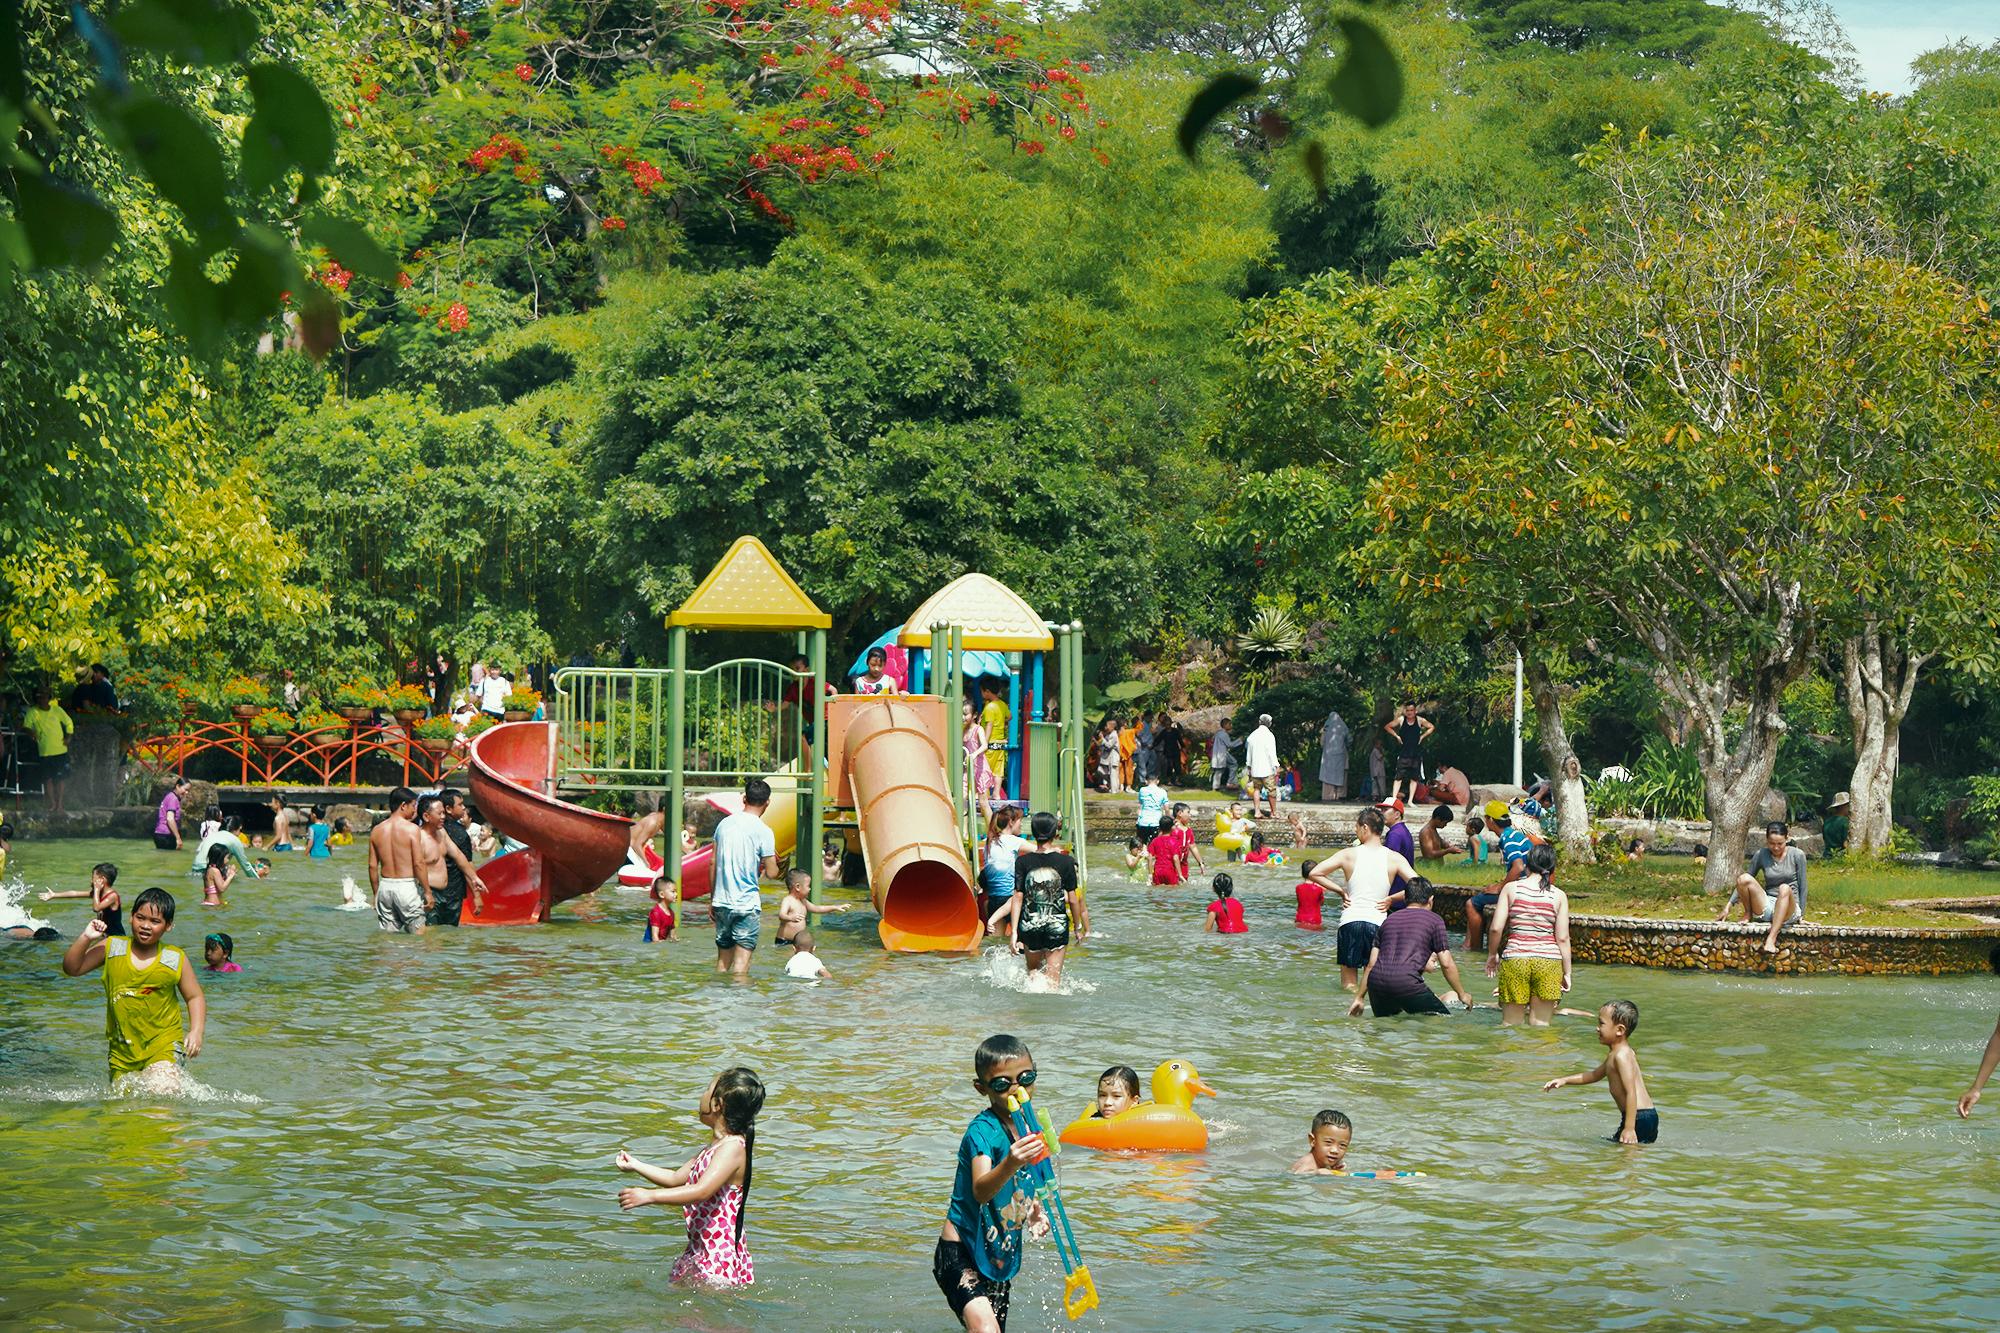 Cùng tận hưởng những ngày hè vui khỏe cùng gia đình tại công viên Suối Mơ - Ảnh 2